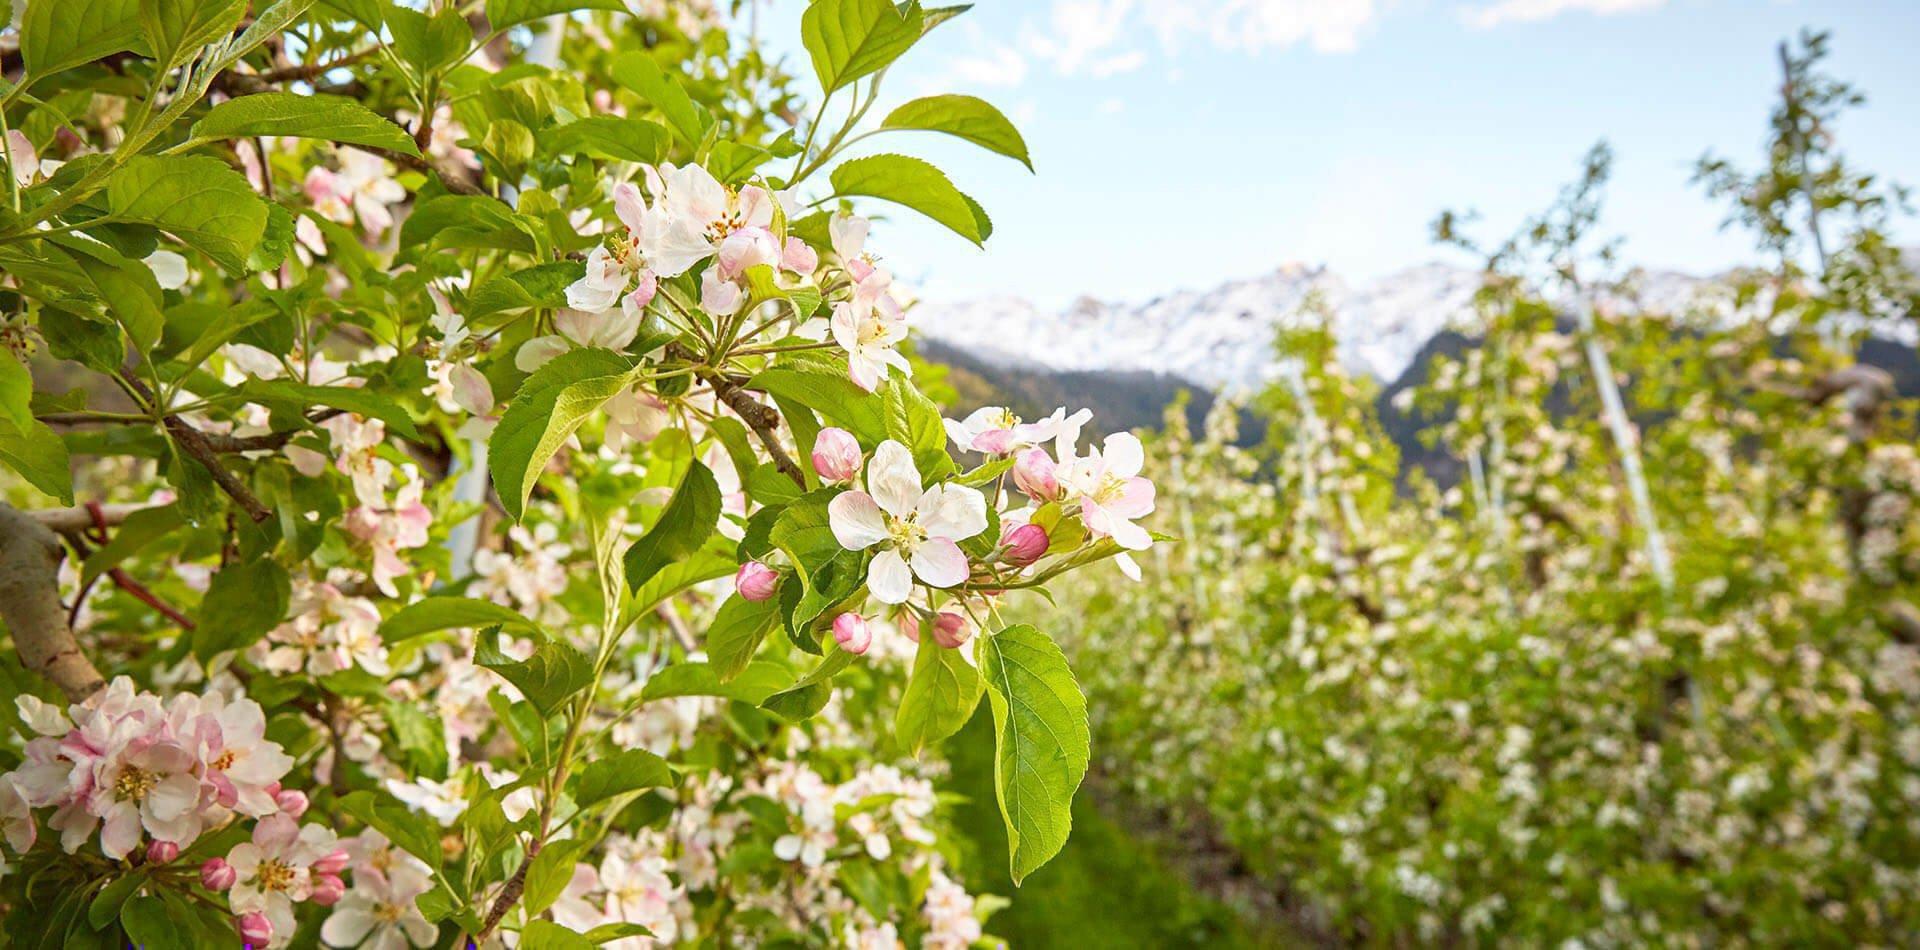 Frühlingsurlaub auf dem Bauernhof im Eisacktal